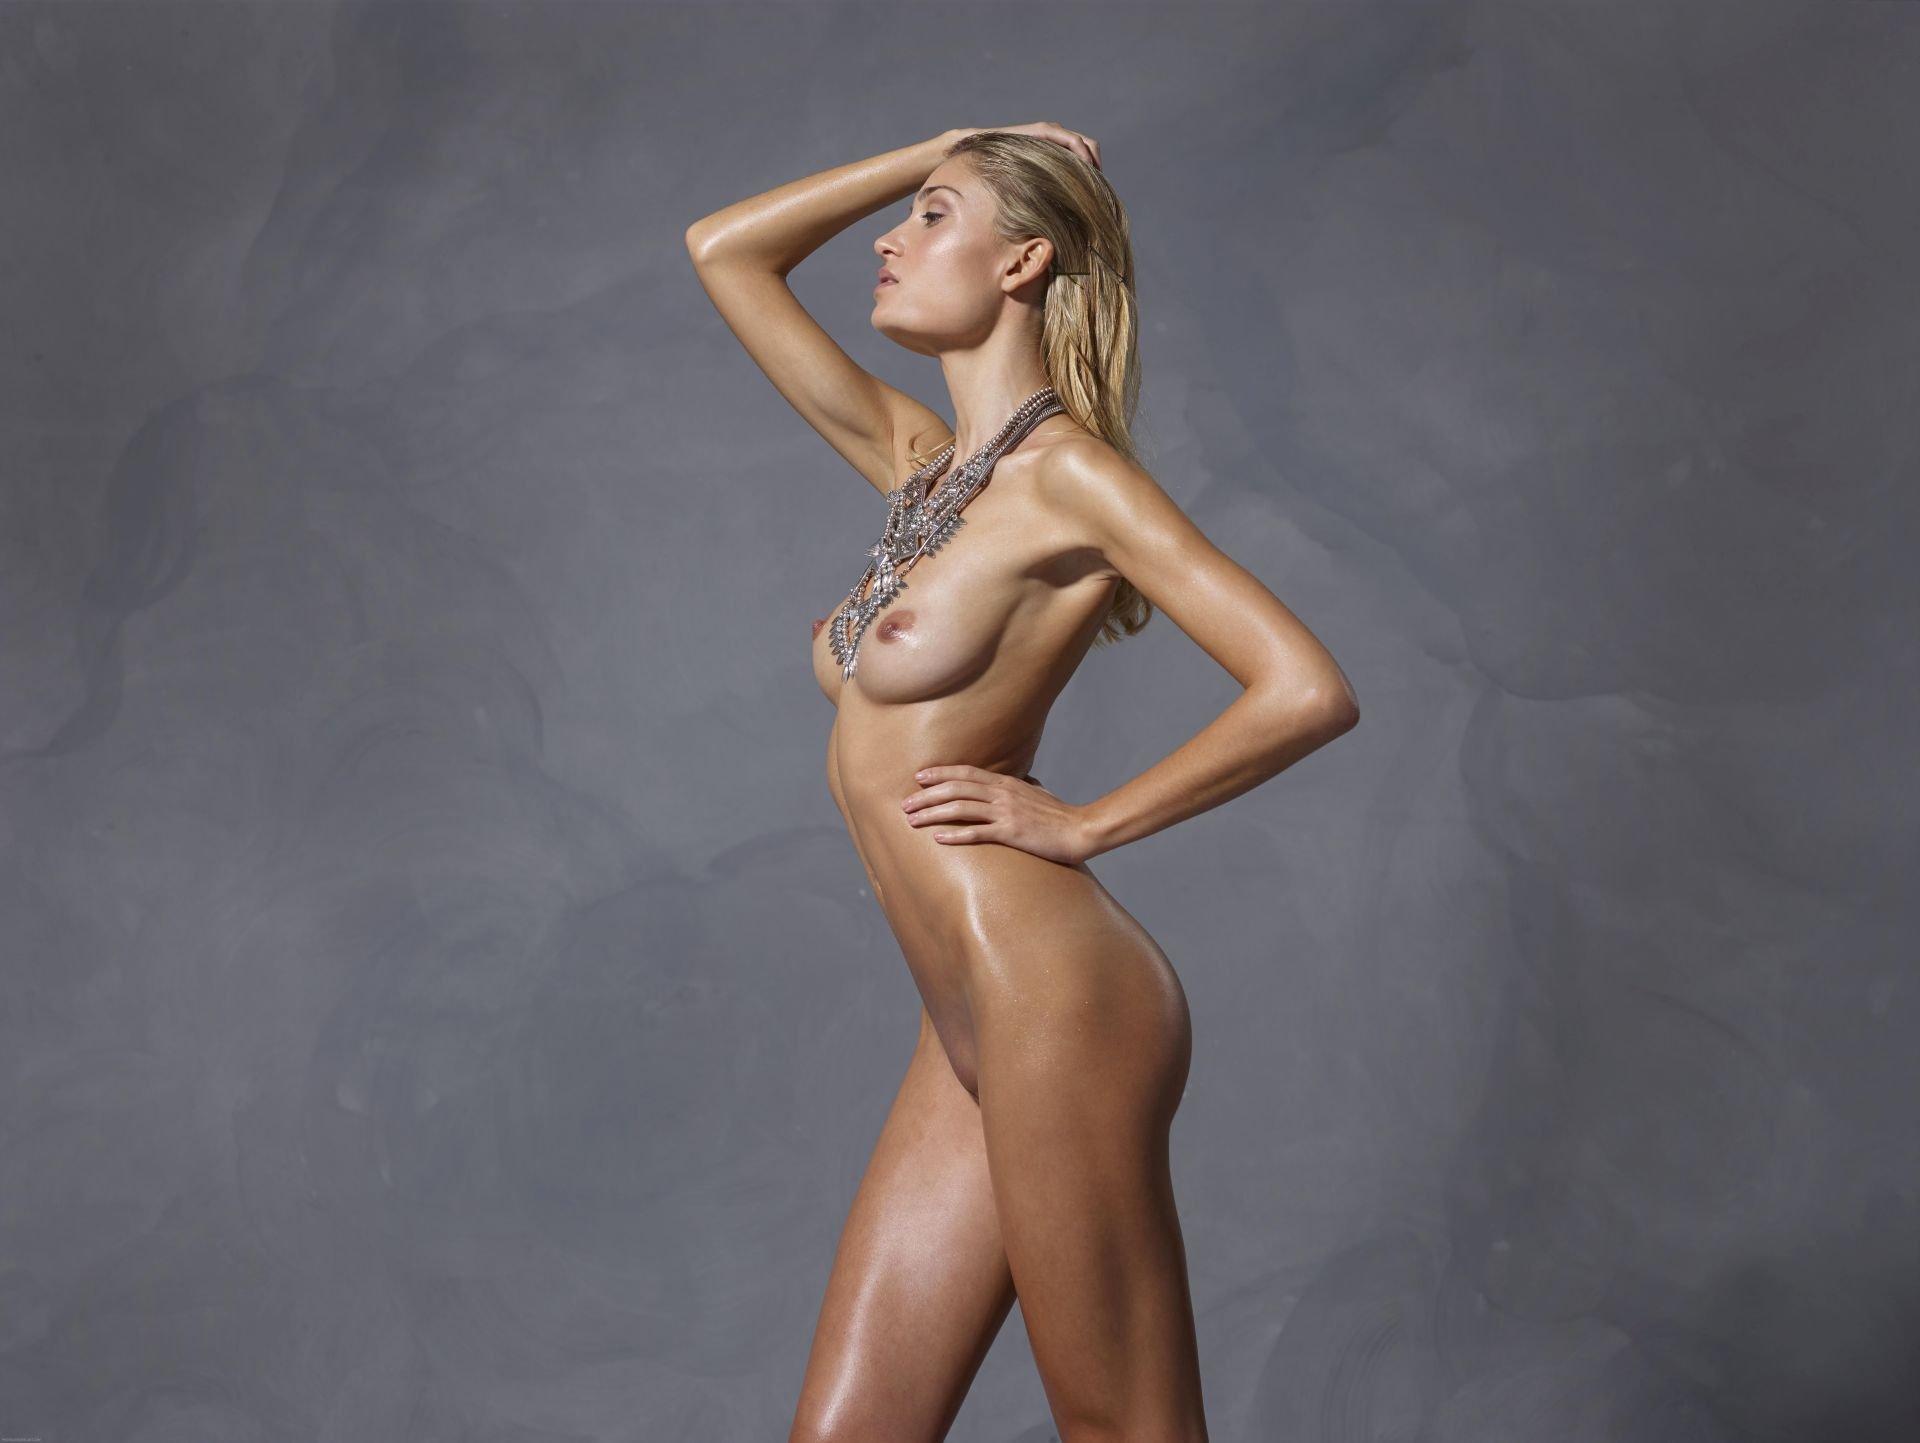 rosie top model hegre art 38